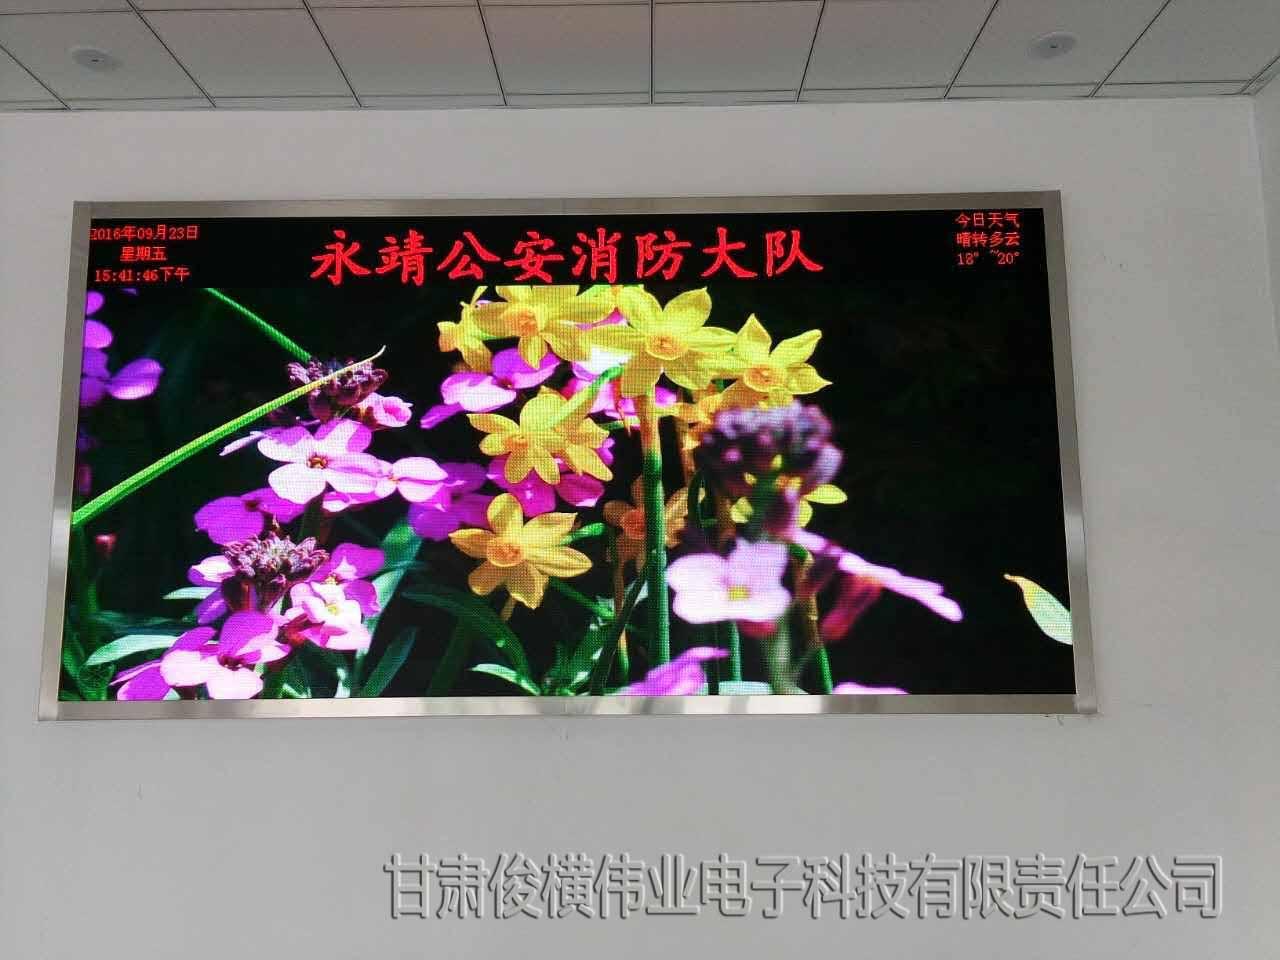 甘肃室内LED电子显示屏-选购led显示屏就找甘肃俊横伟业电子科技